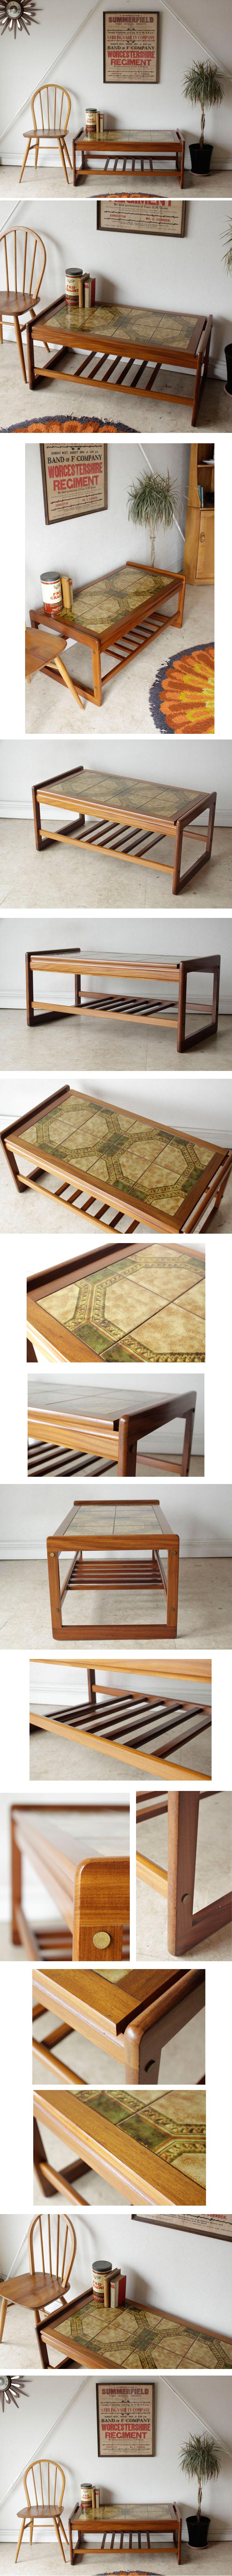 タイルテーブル・コーヒーテーブル・アンティーク・ビンテージ・家具・輸入・中古